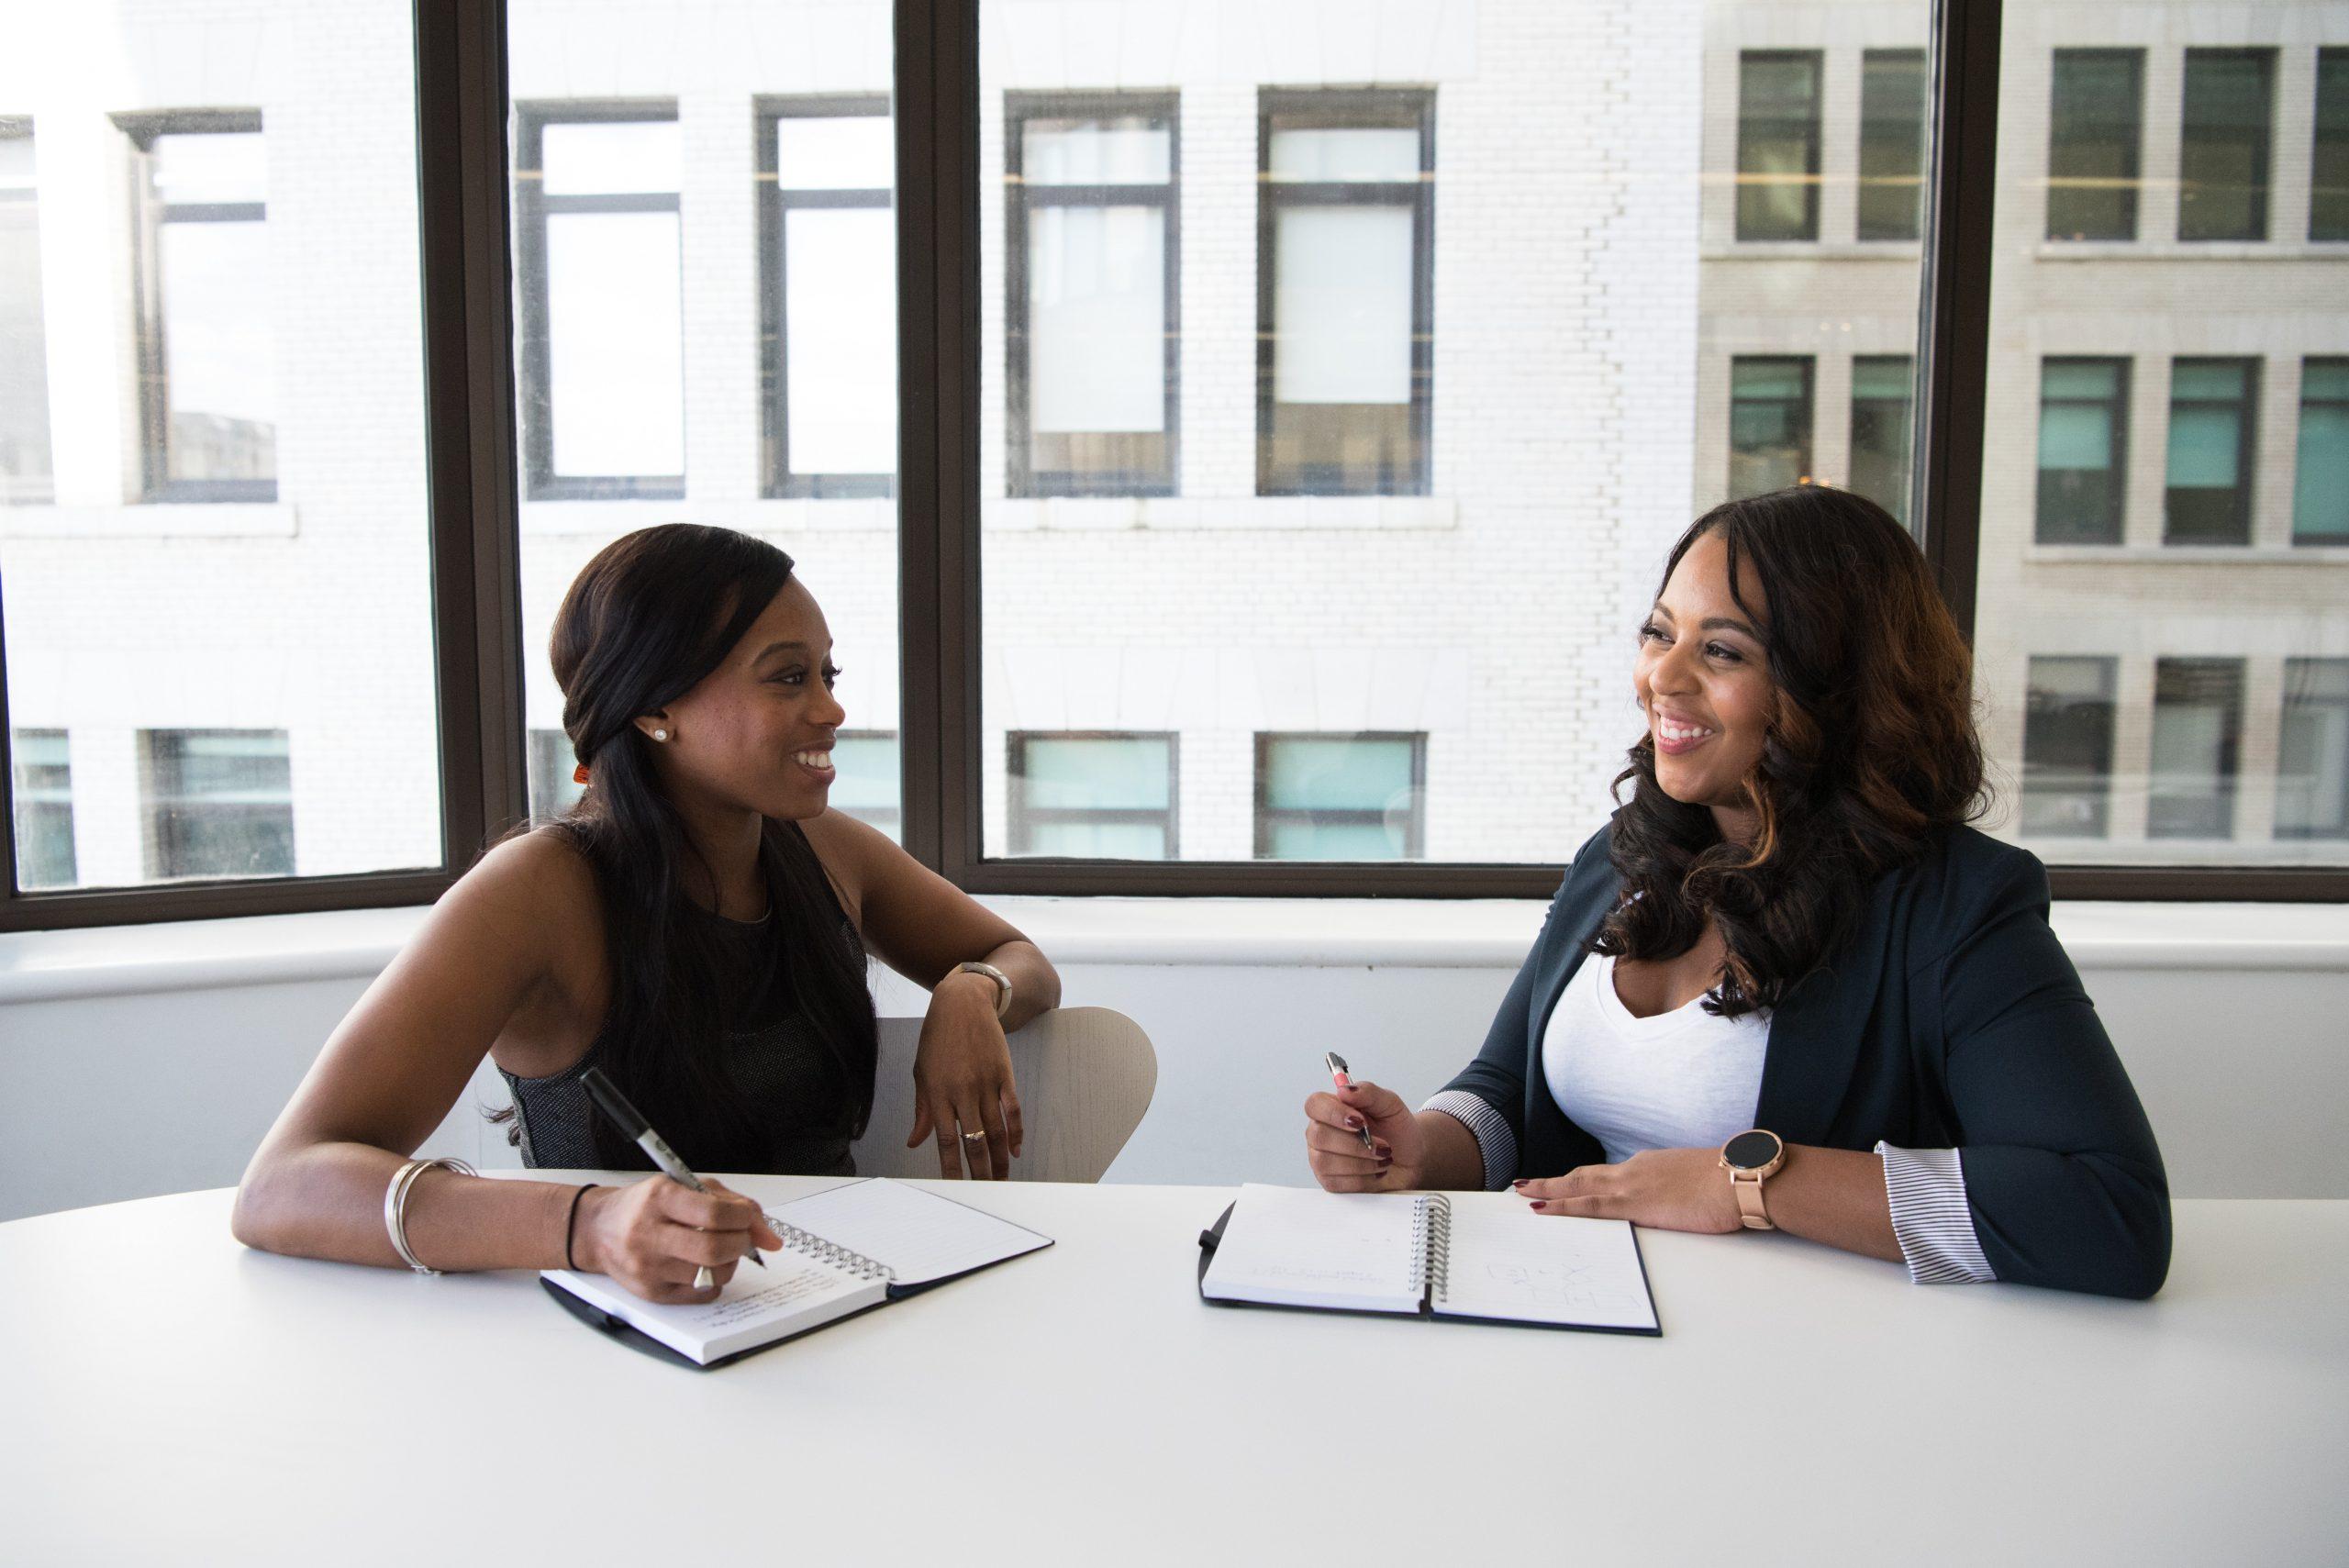 Consejos eficaces para impactar en una entrevista de trabajo